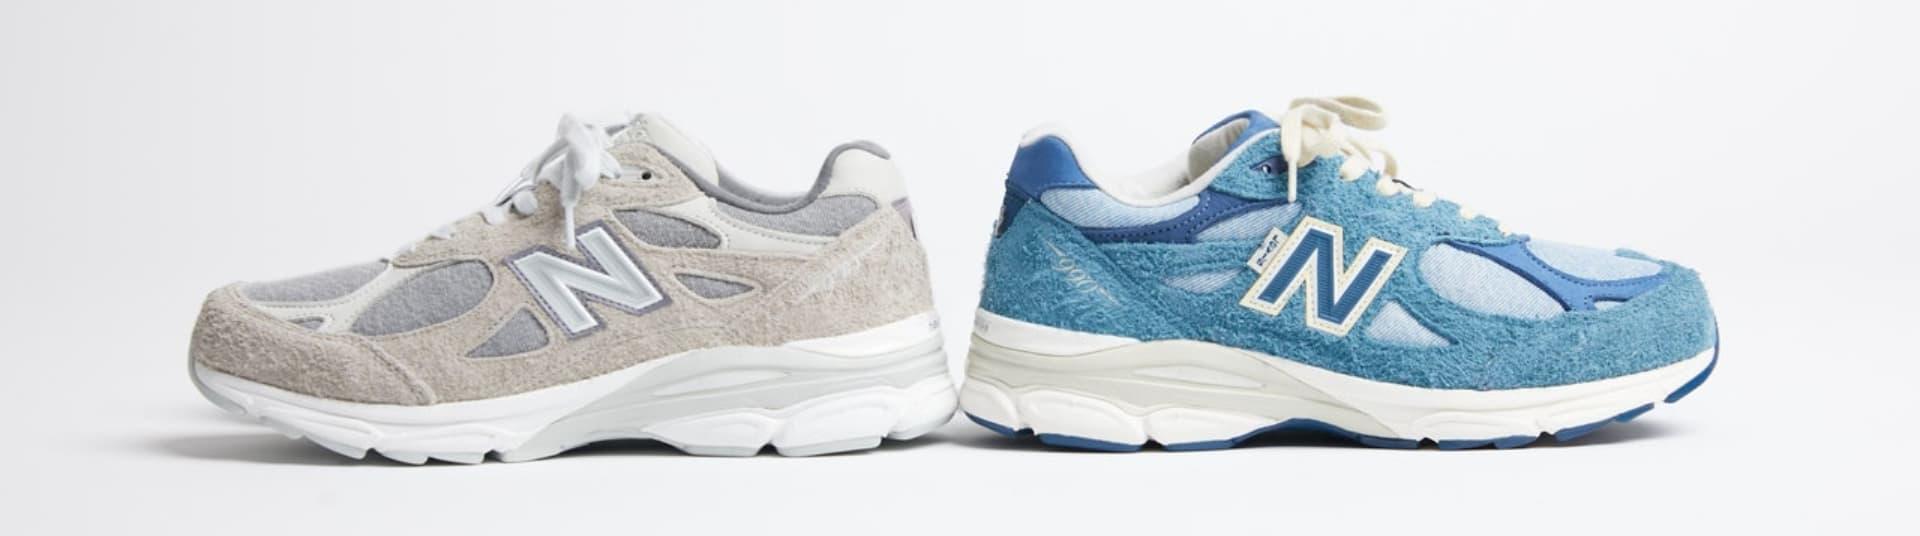 New Balance x Levi's vuelve al mercado con un modelo 990v3 que tiene todo para lograr posicionarse como una de las zapatillas del año